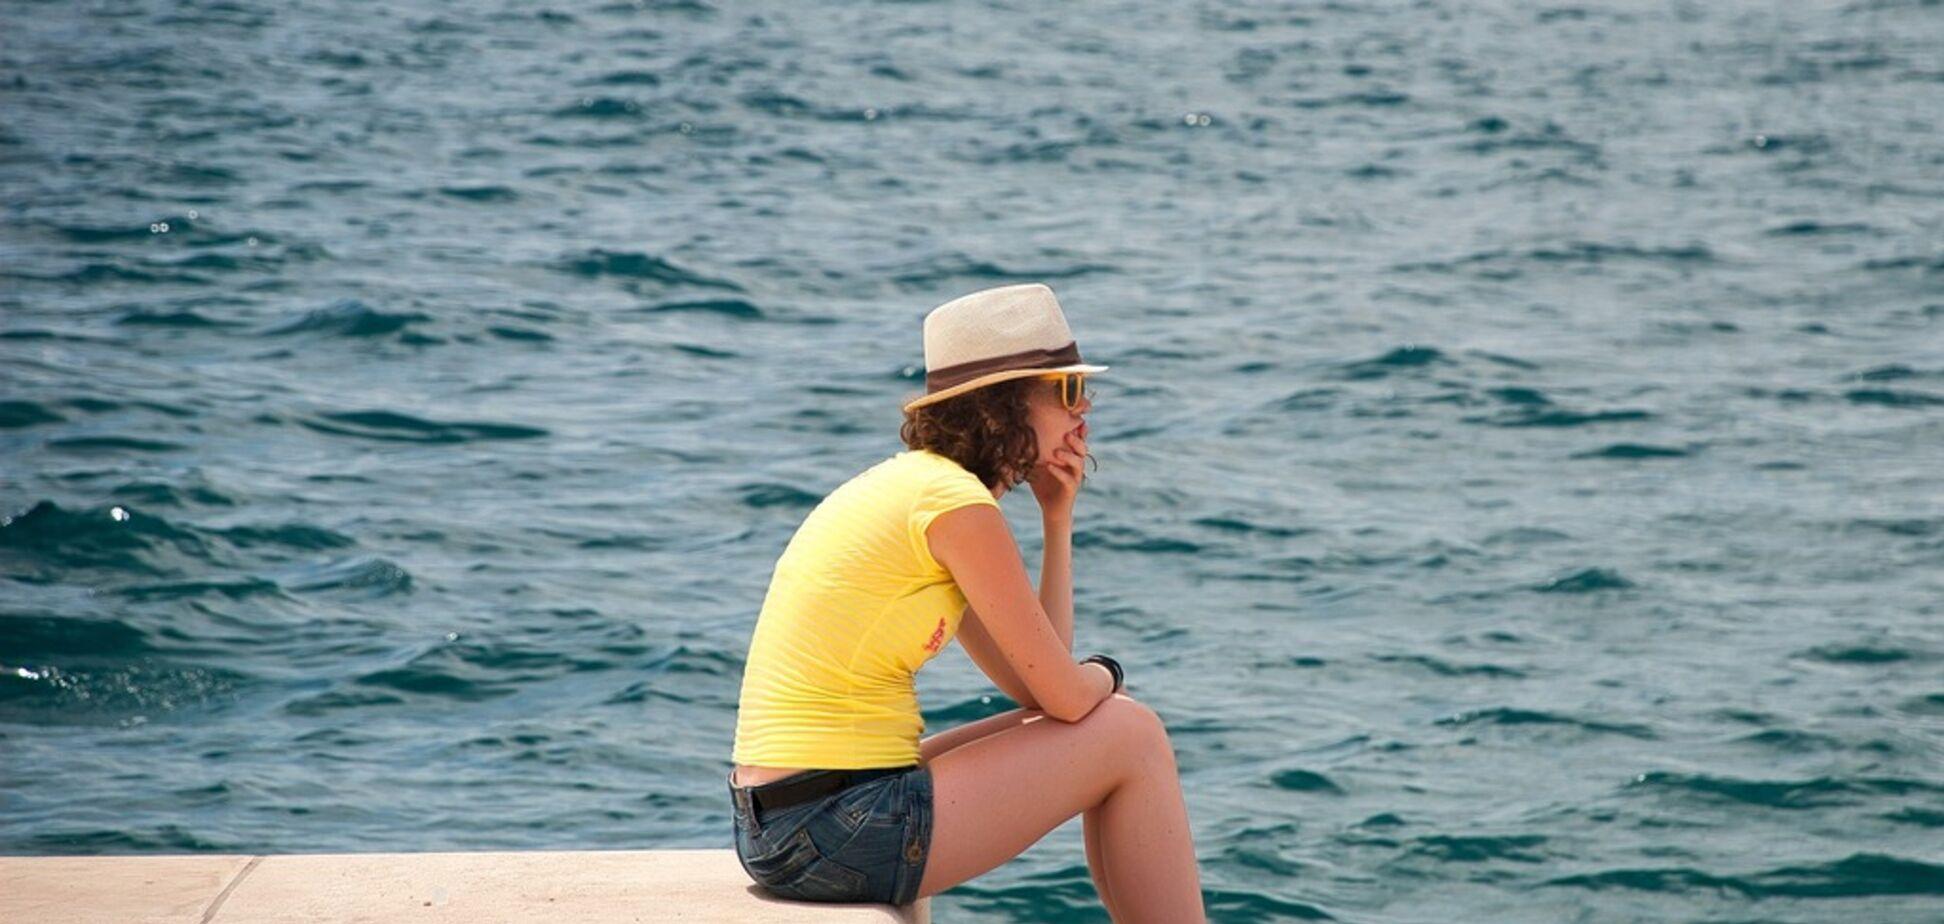 Чтобы ни происходило в нашей жизни, нужно всегда оставаться спокойным